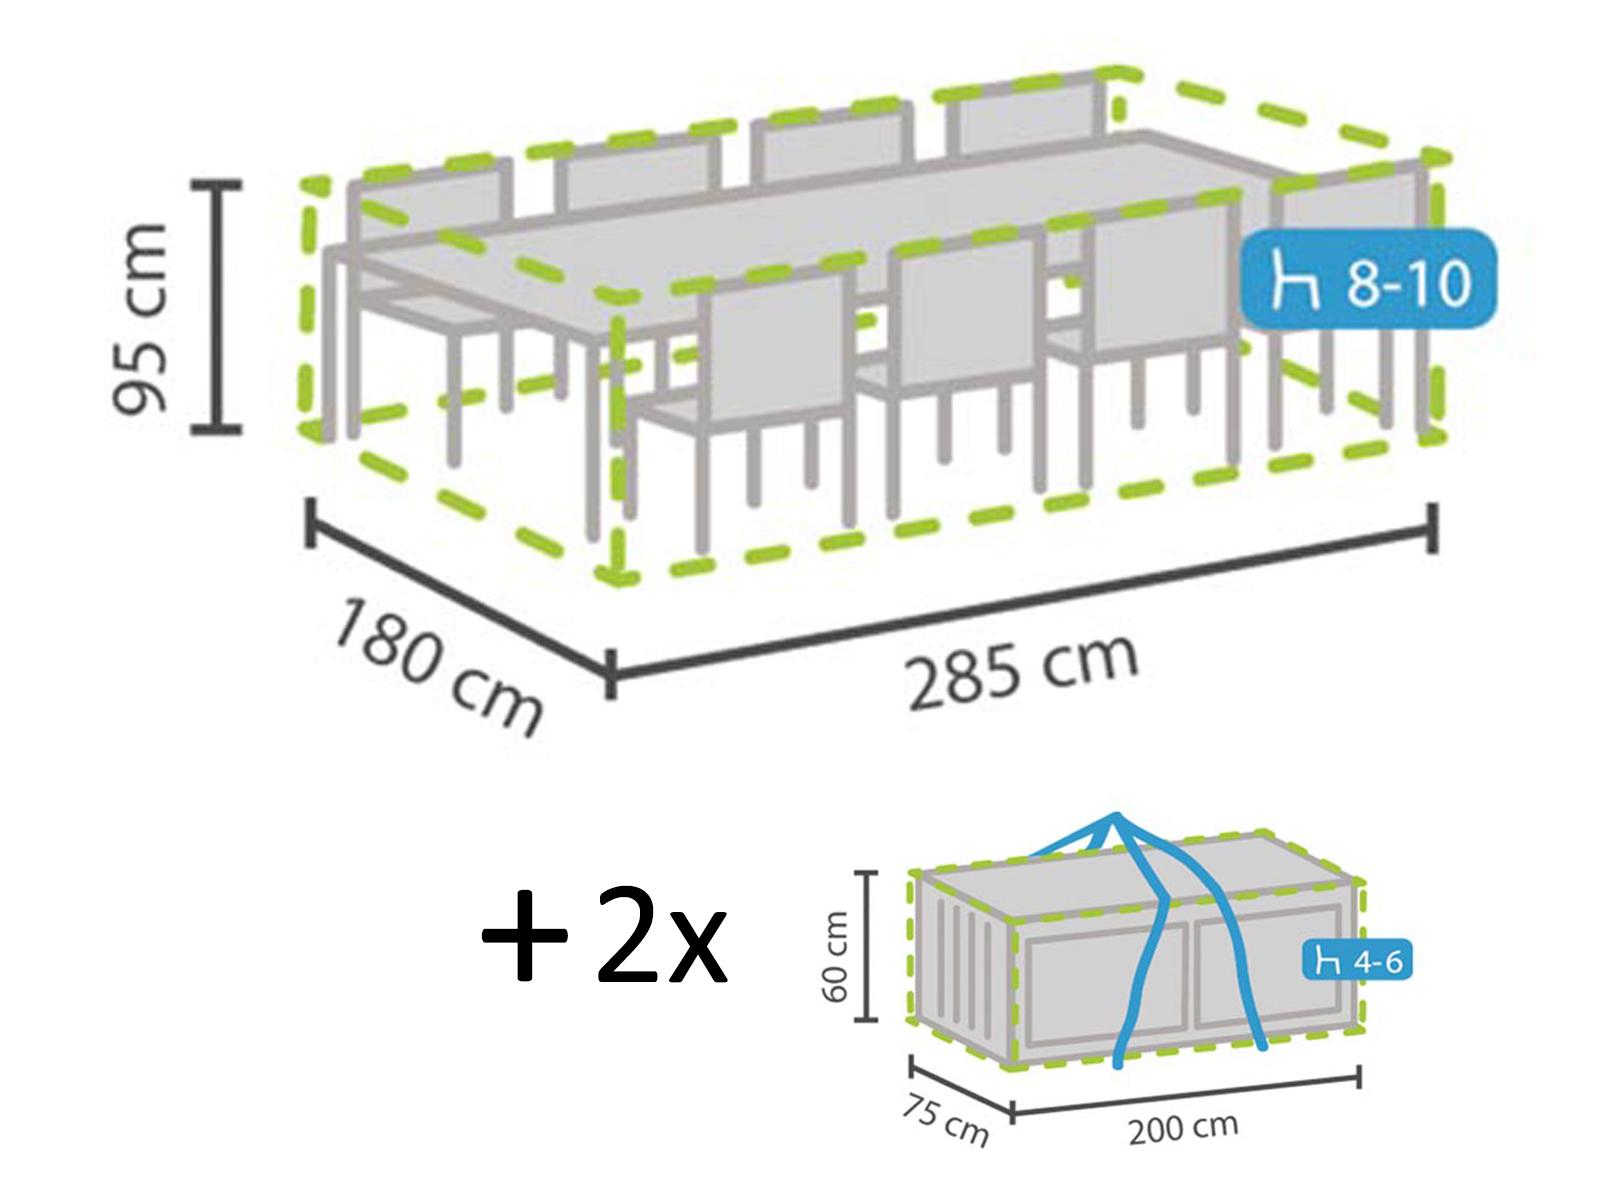 Schutzhüllen Set Abdeckung Für Gartenmöbel 285x180cm 2x Hülle Für 4 6 Kissen